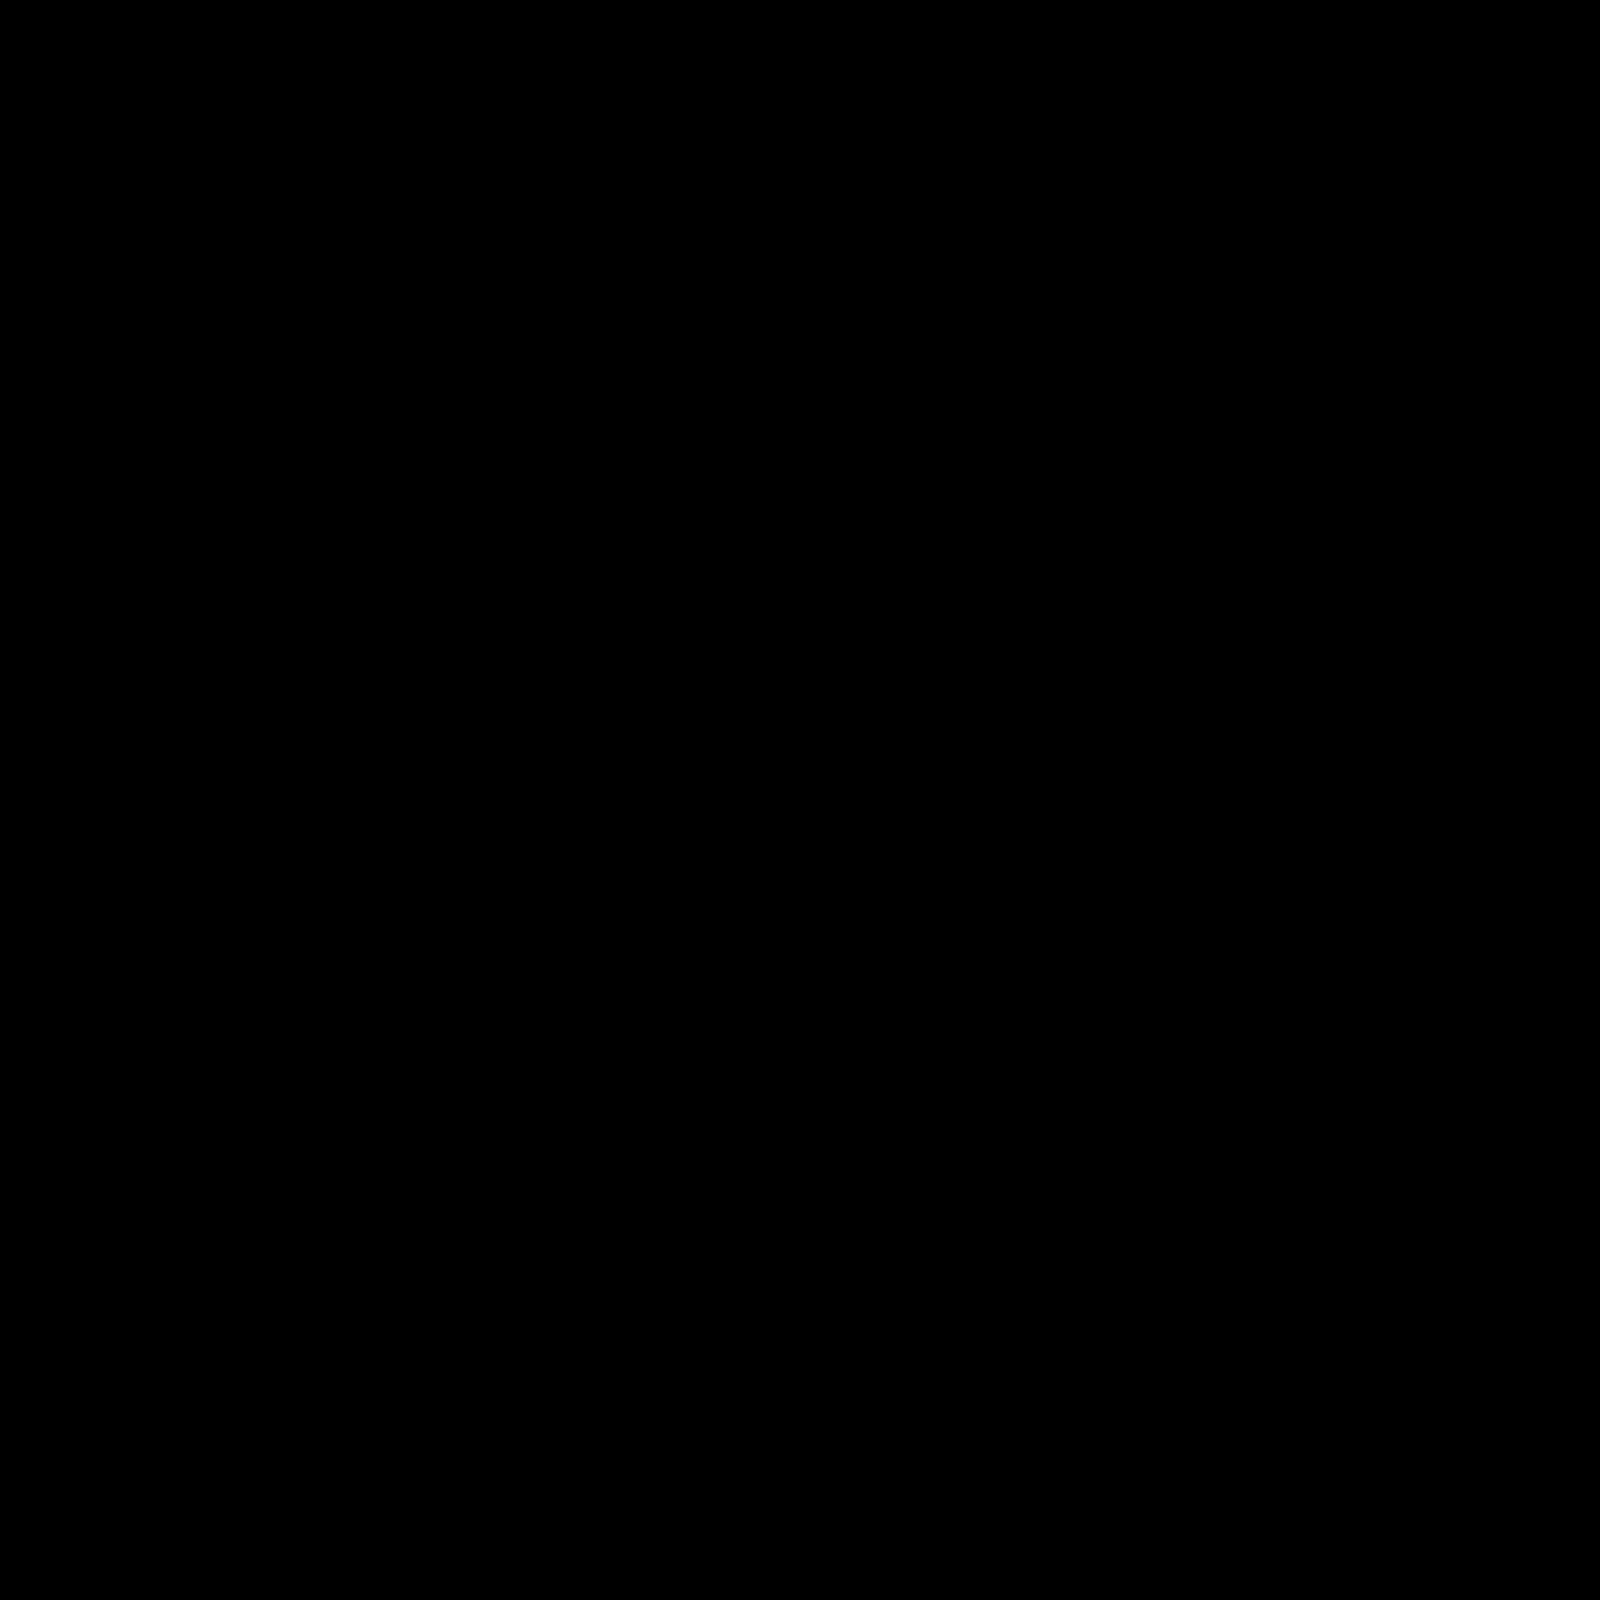 Circled 8 C icon